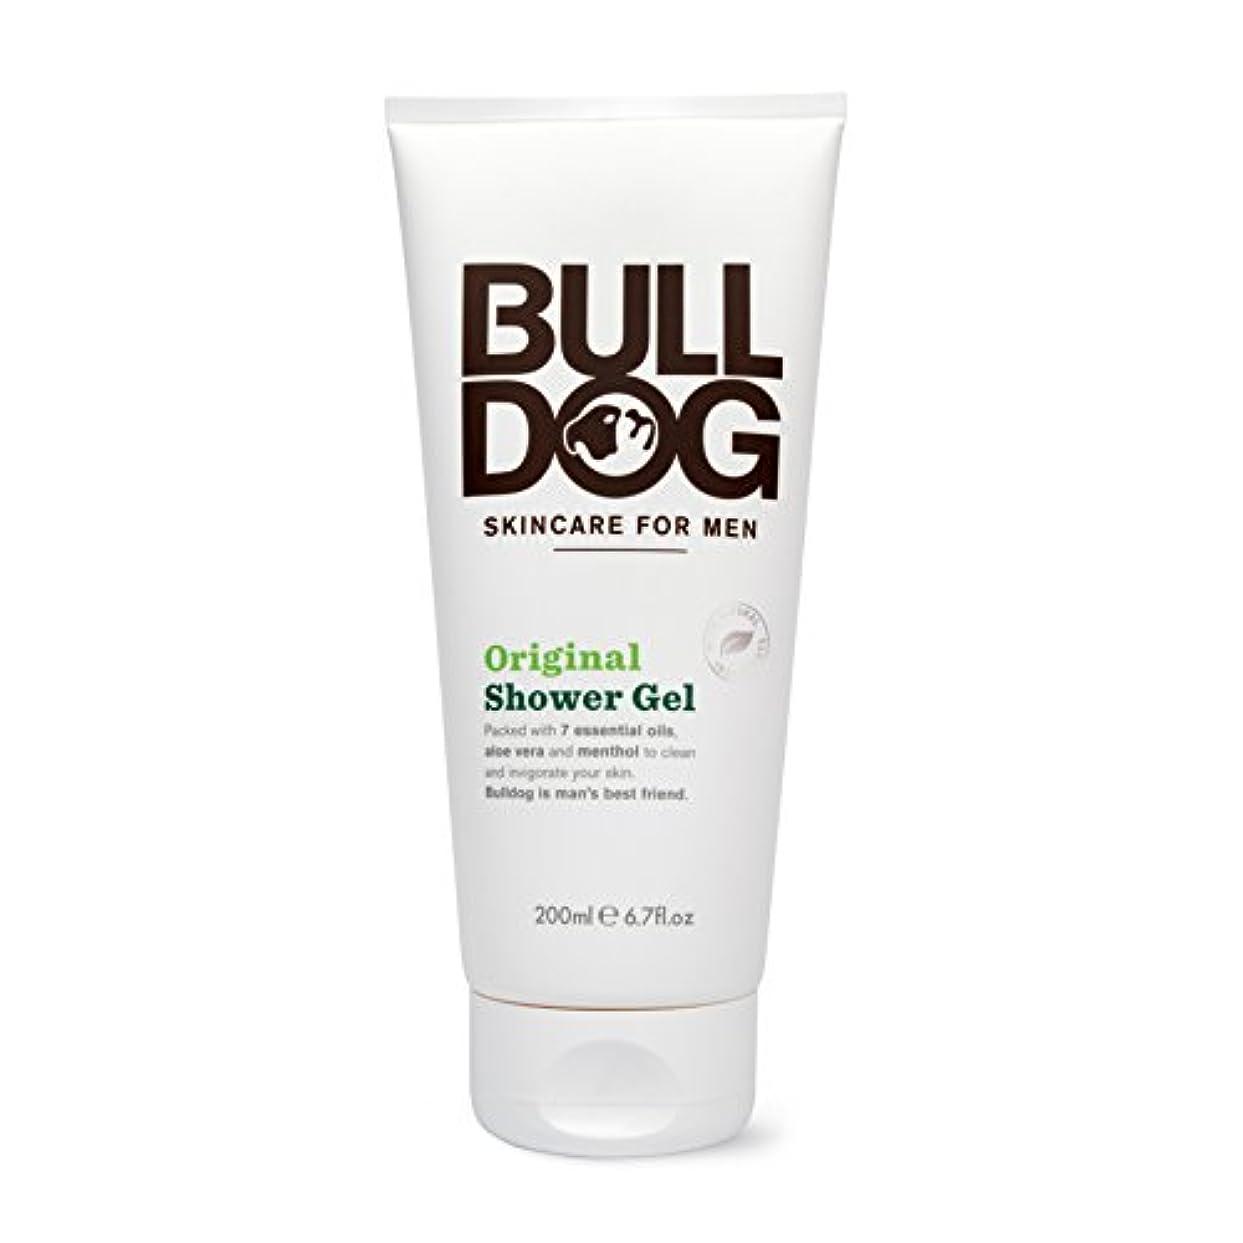 マルクス主義せせらぎ吐くブルドッグ Bulldog オリジナル シャワージェル(ボディ用洗浄料) 200mL